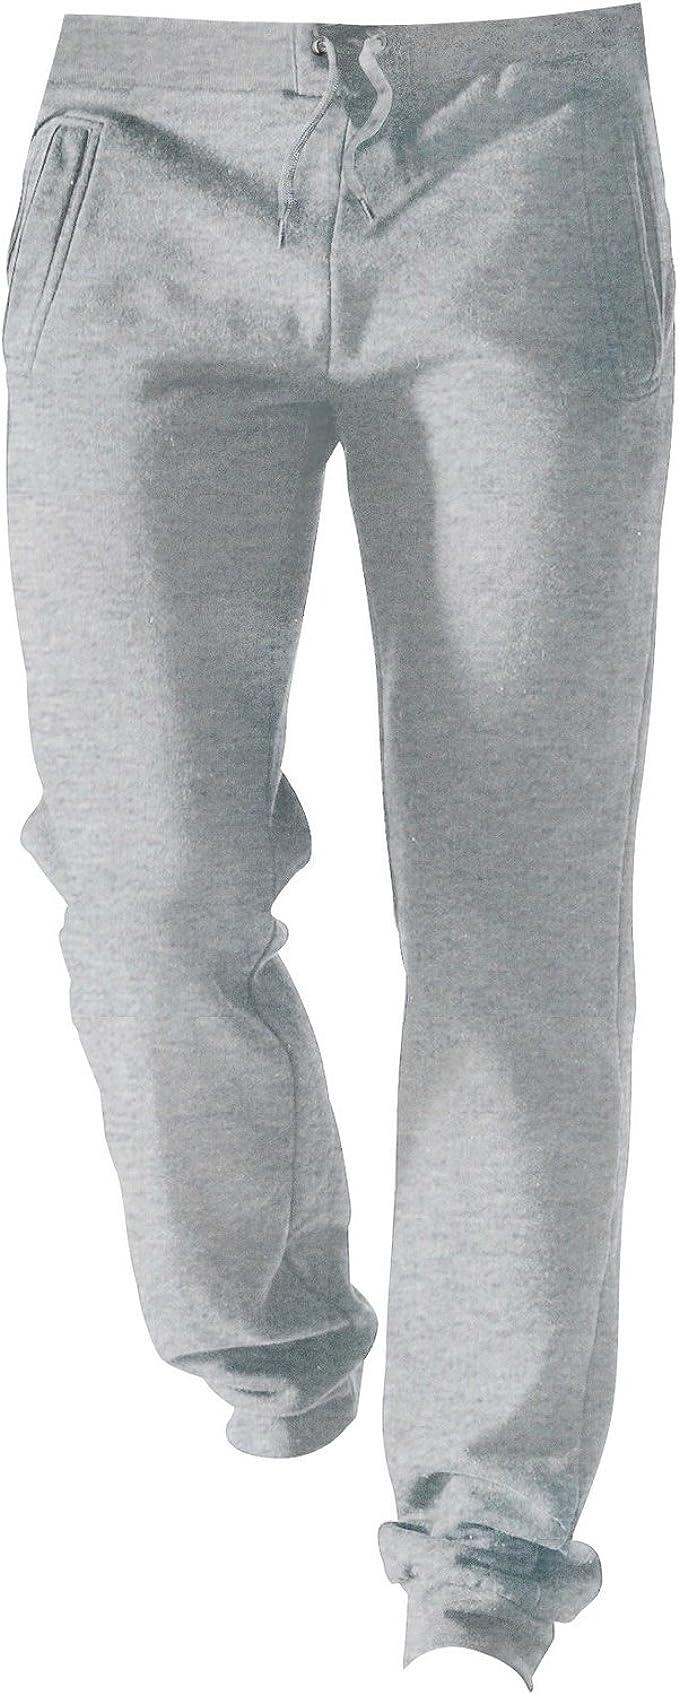 Kariban - Pantalones básicos de chandal Modelo Casual hombre ...